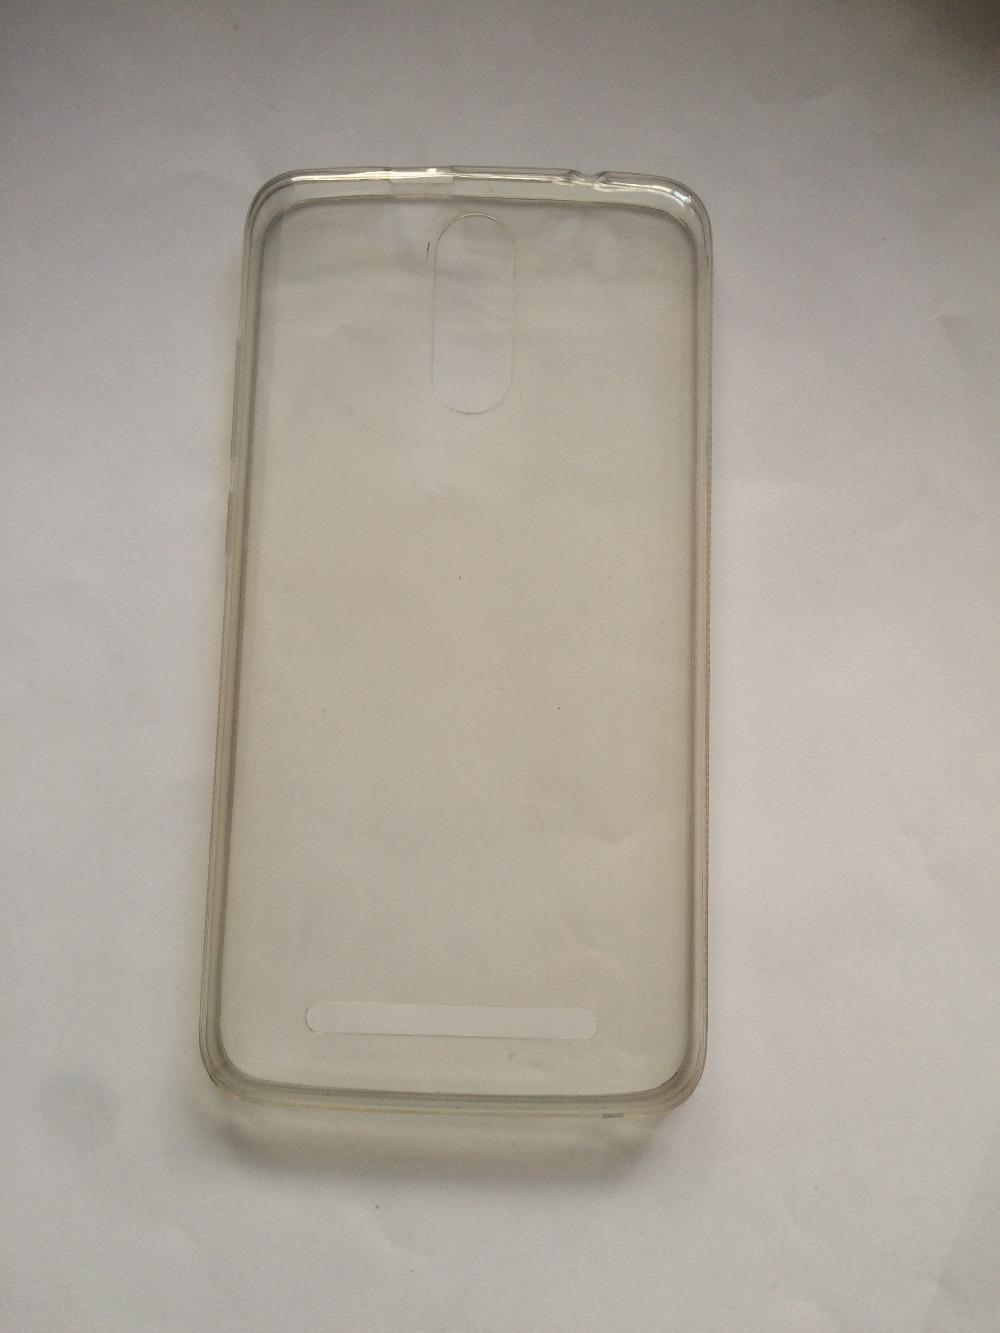 [해외]Homtom HT17 MTK6737 핸드폰 용 TPU 실리콘 케이스 5.5 인치 1280x720/New TPU Silicon Case For Homtom HT17 MTK6737 Cell Phones 5.5 Inch 1280x720